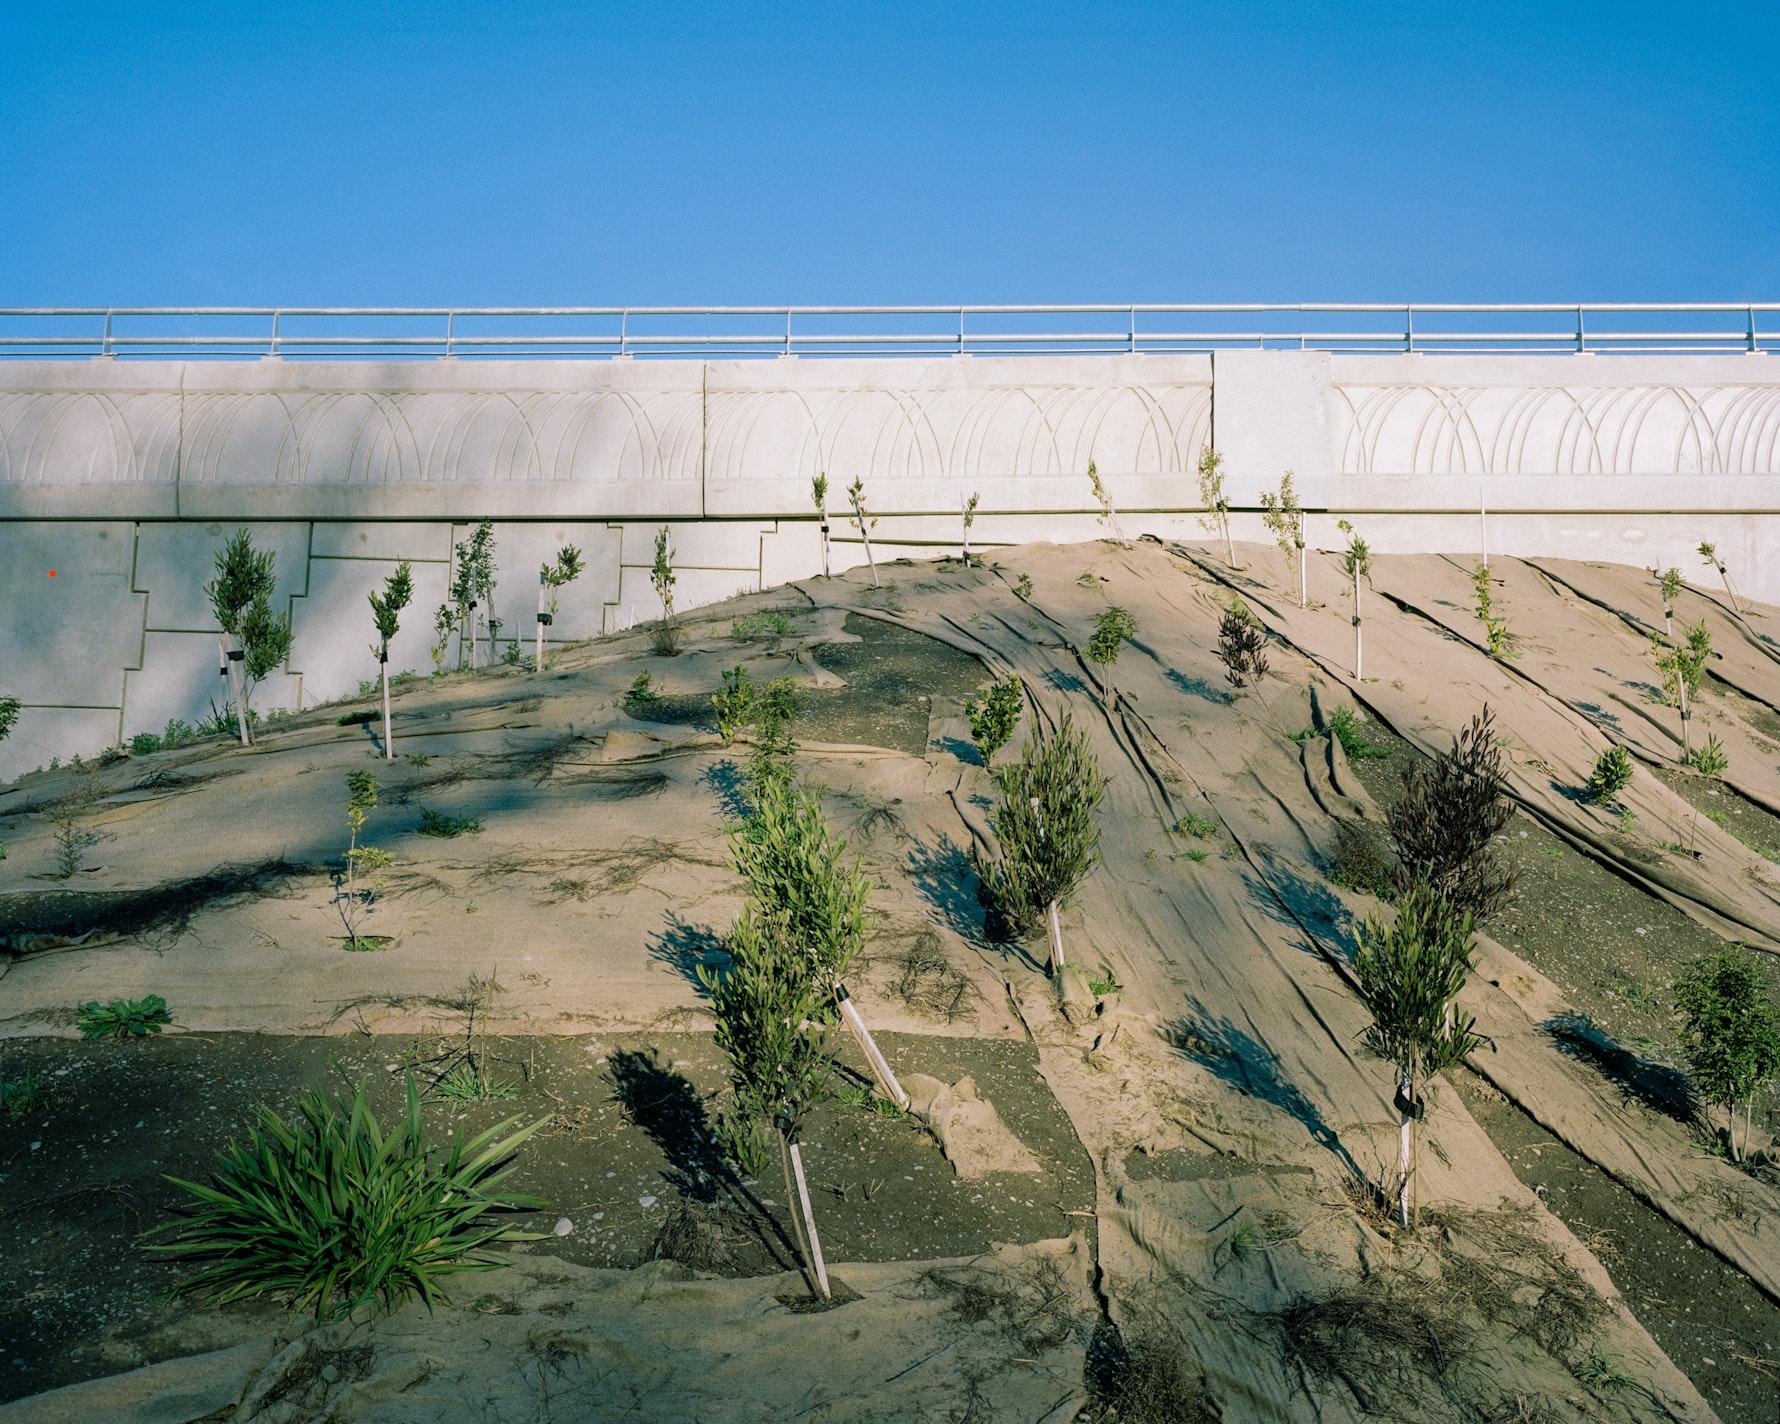 Transitional Landscapes